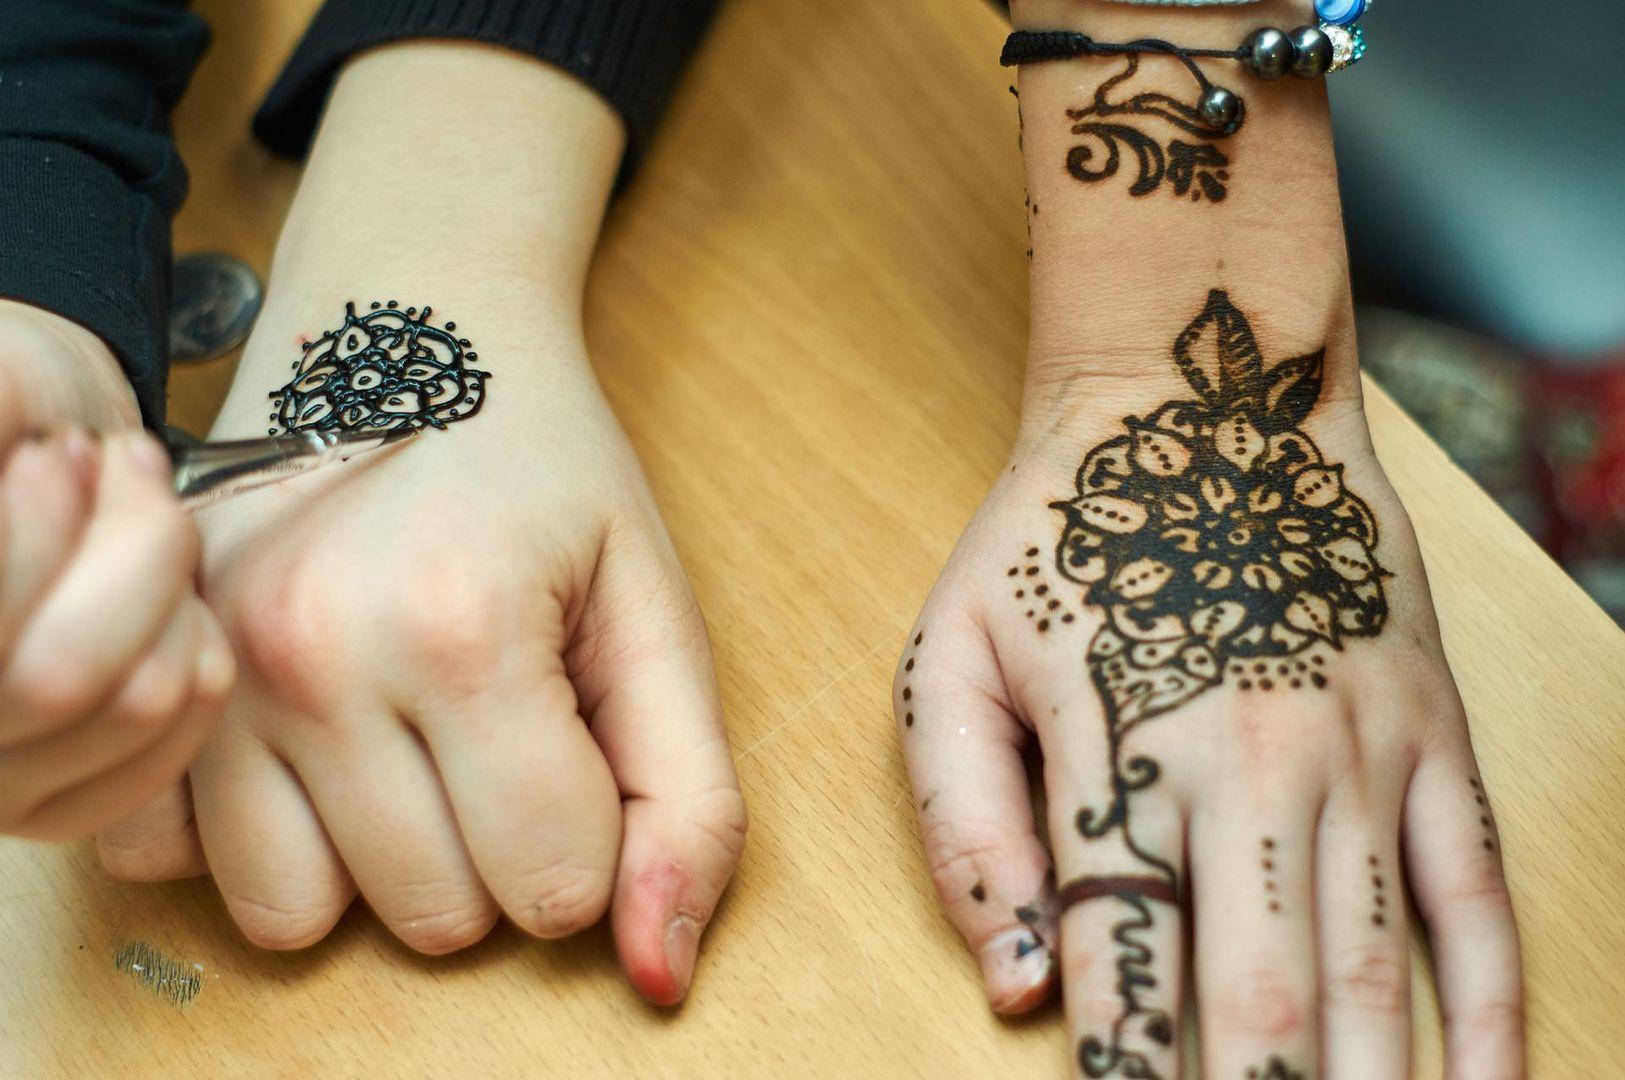 Zrobiła Dziecku Tatuaż Z Henny Bez Zgody Rodziców Są